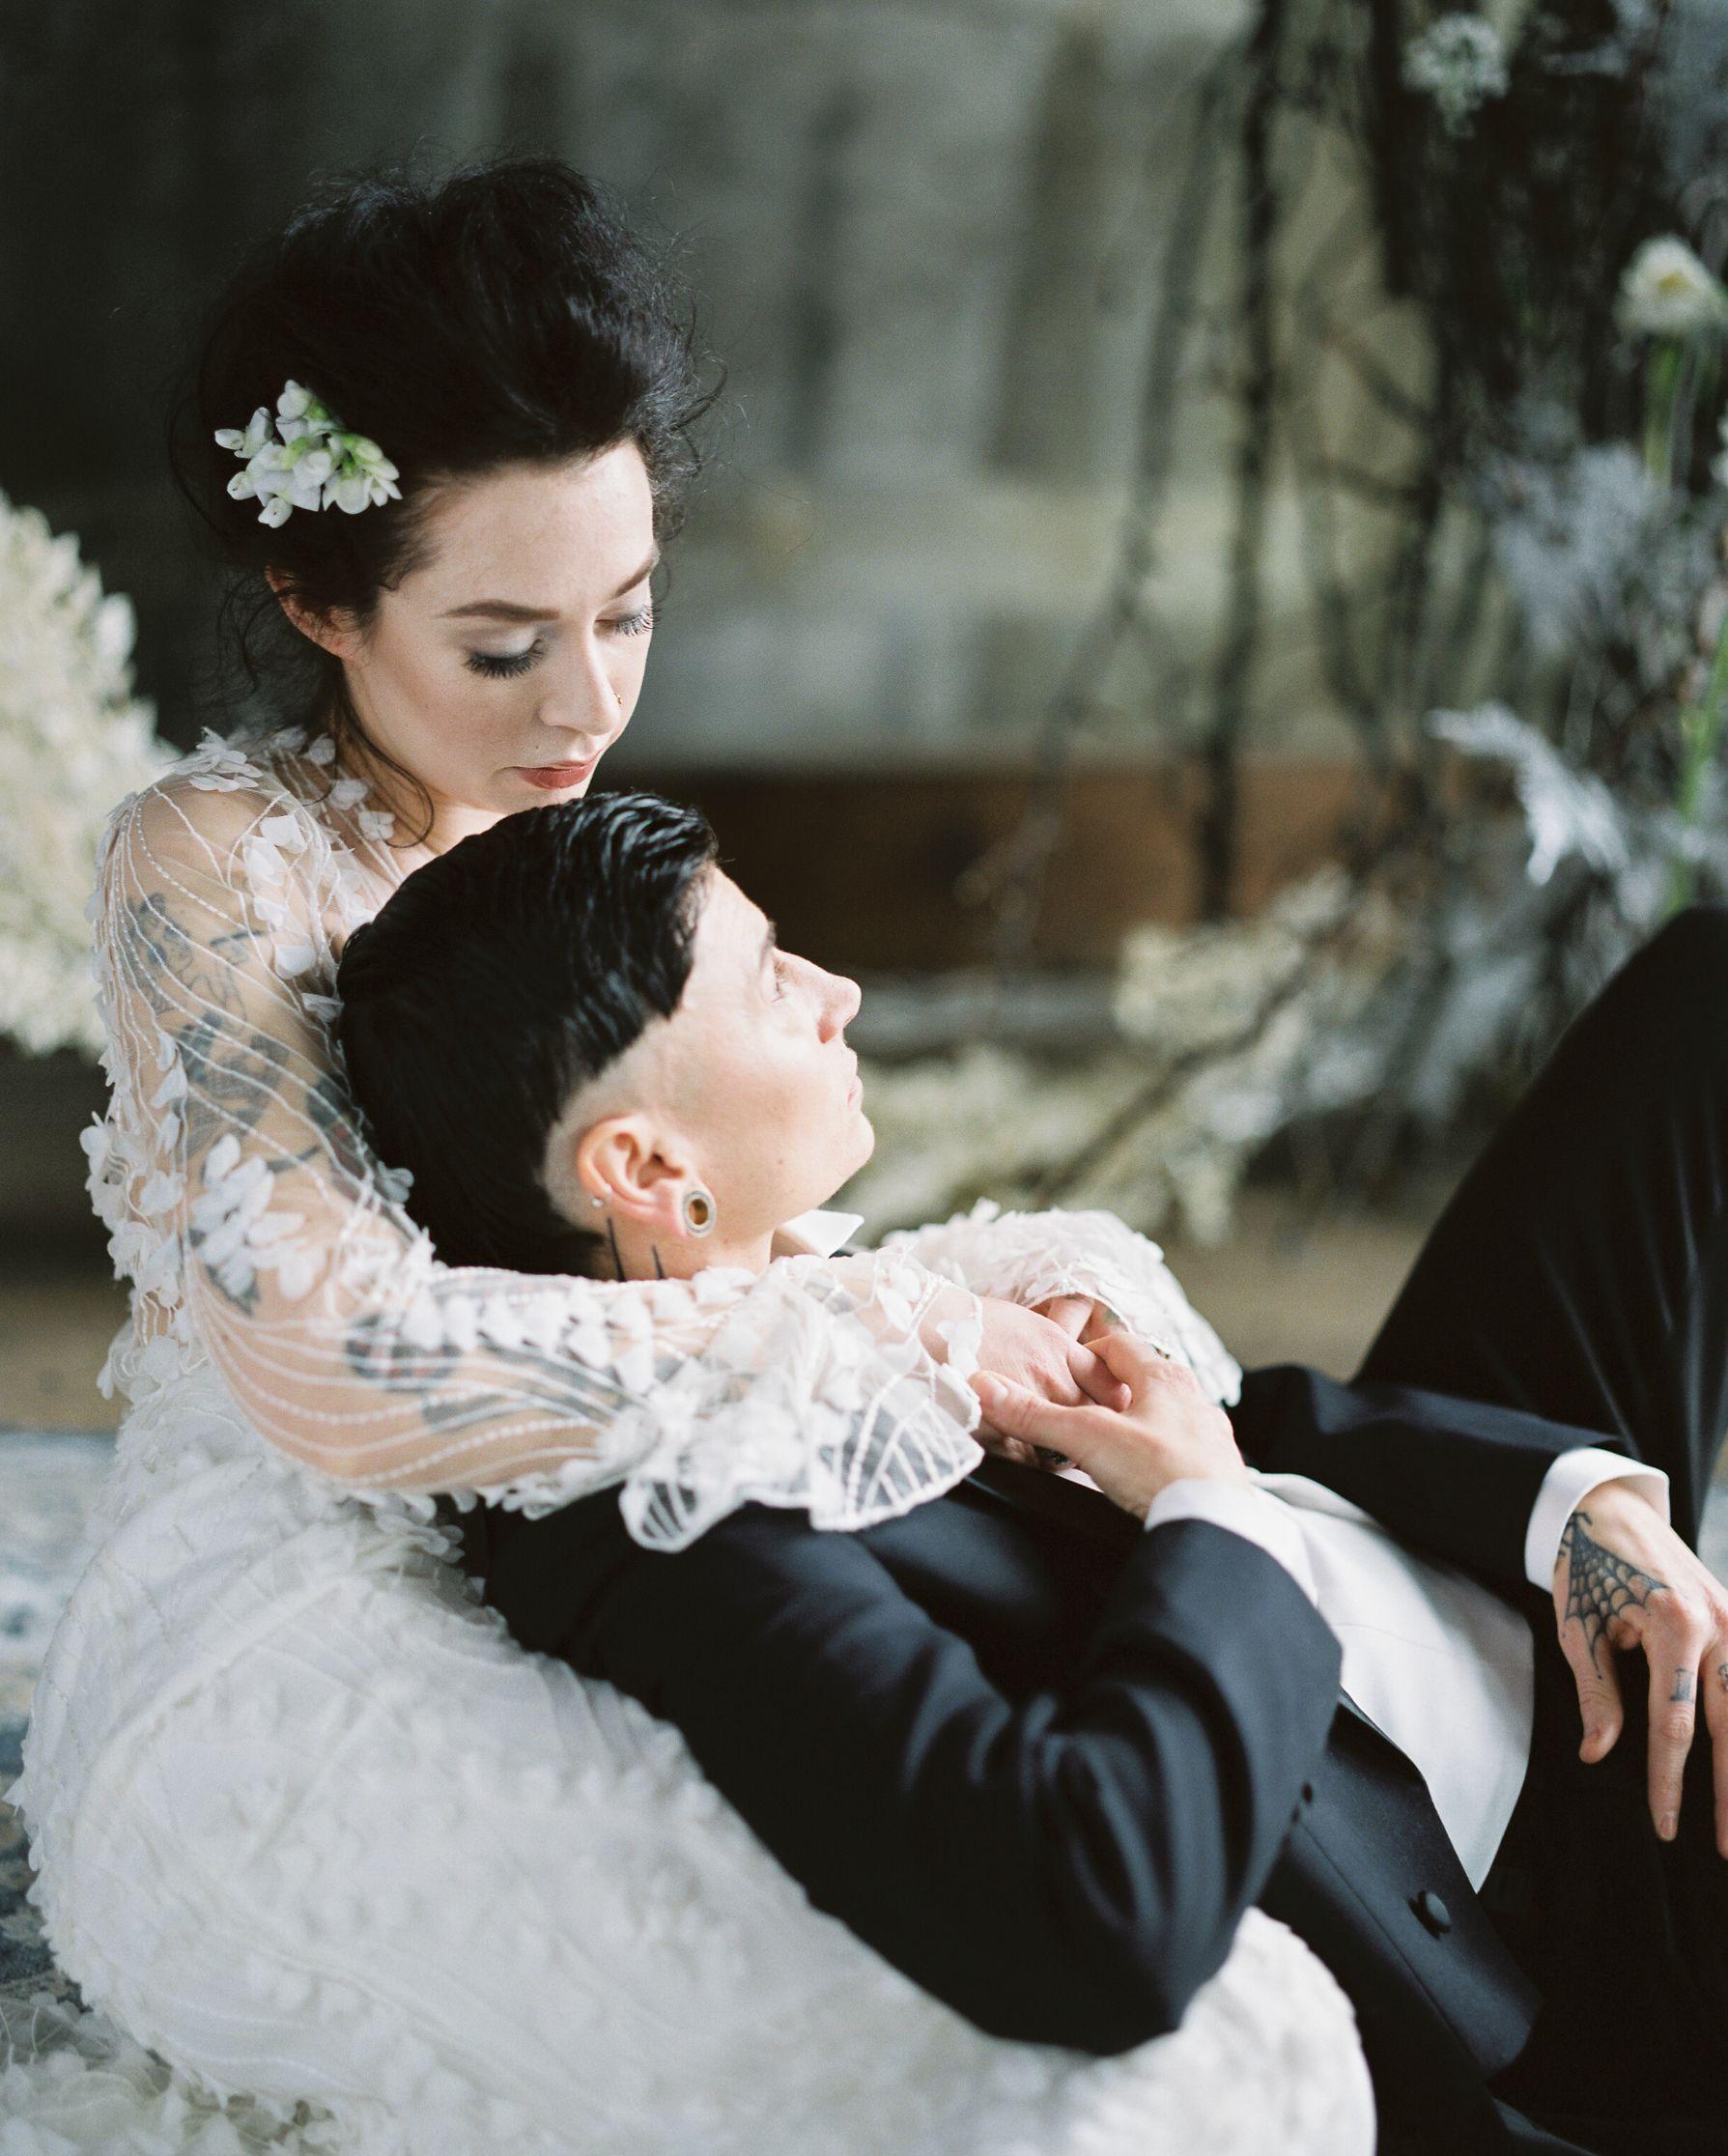 olio-peabody-boston-lesbian-wedding-style-daylynn-designs11 2.jpg